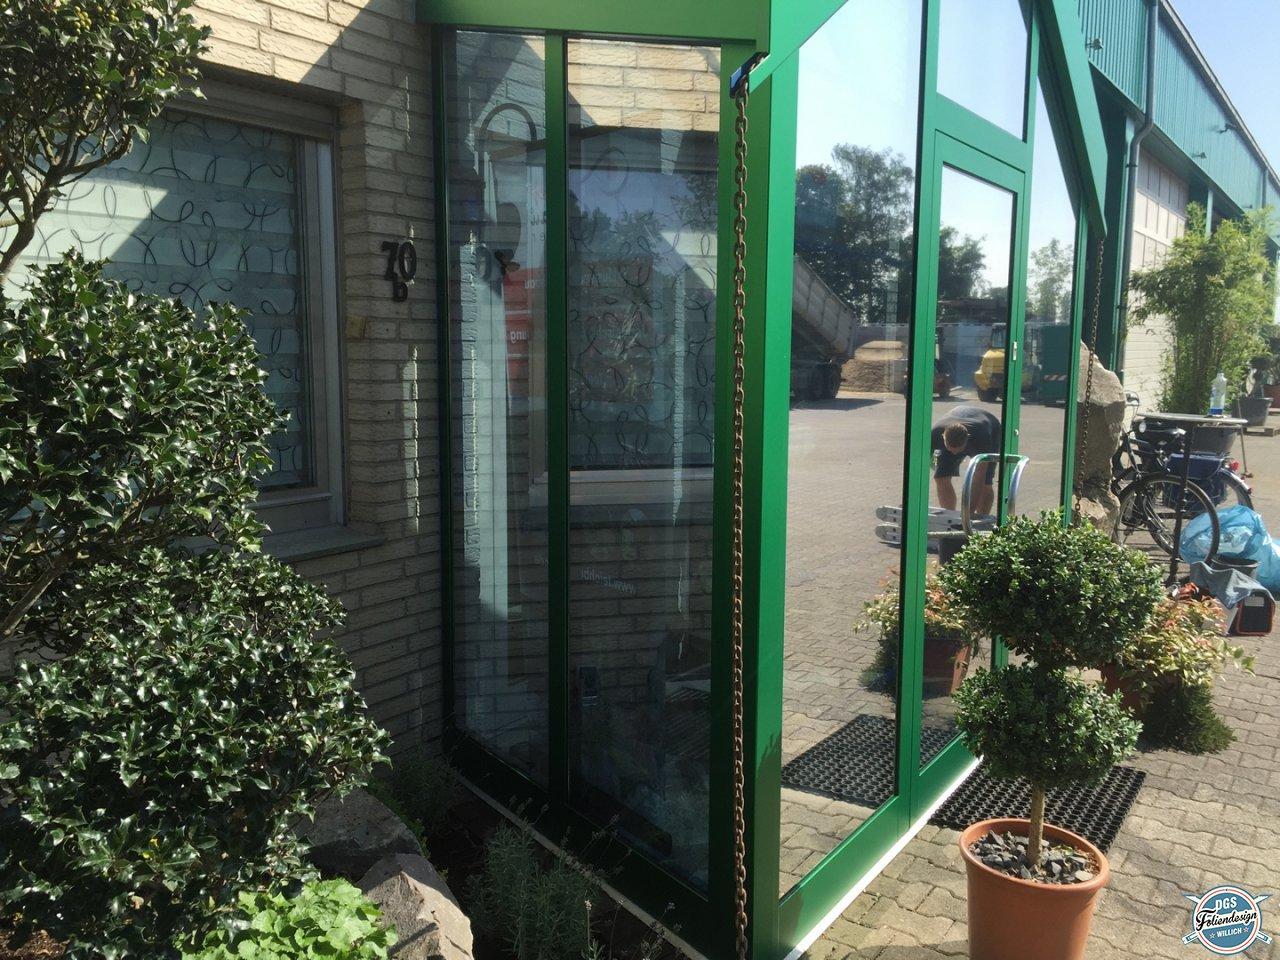 window films garten und landschaftsbau poscher dgs wrapping foliendesign. Black Bedroom Furniture Sets. Home Design Ideas